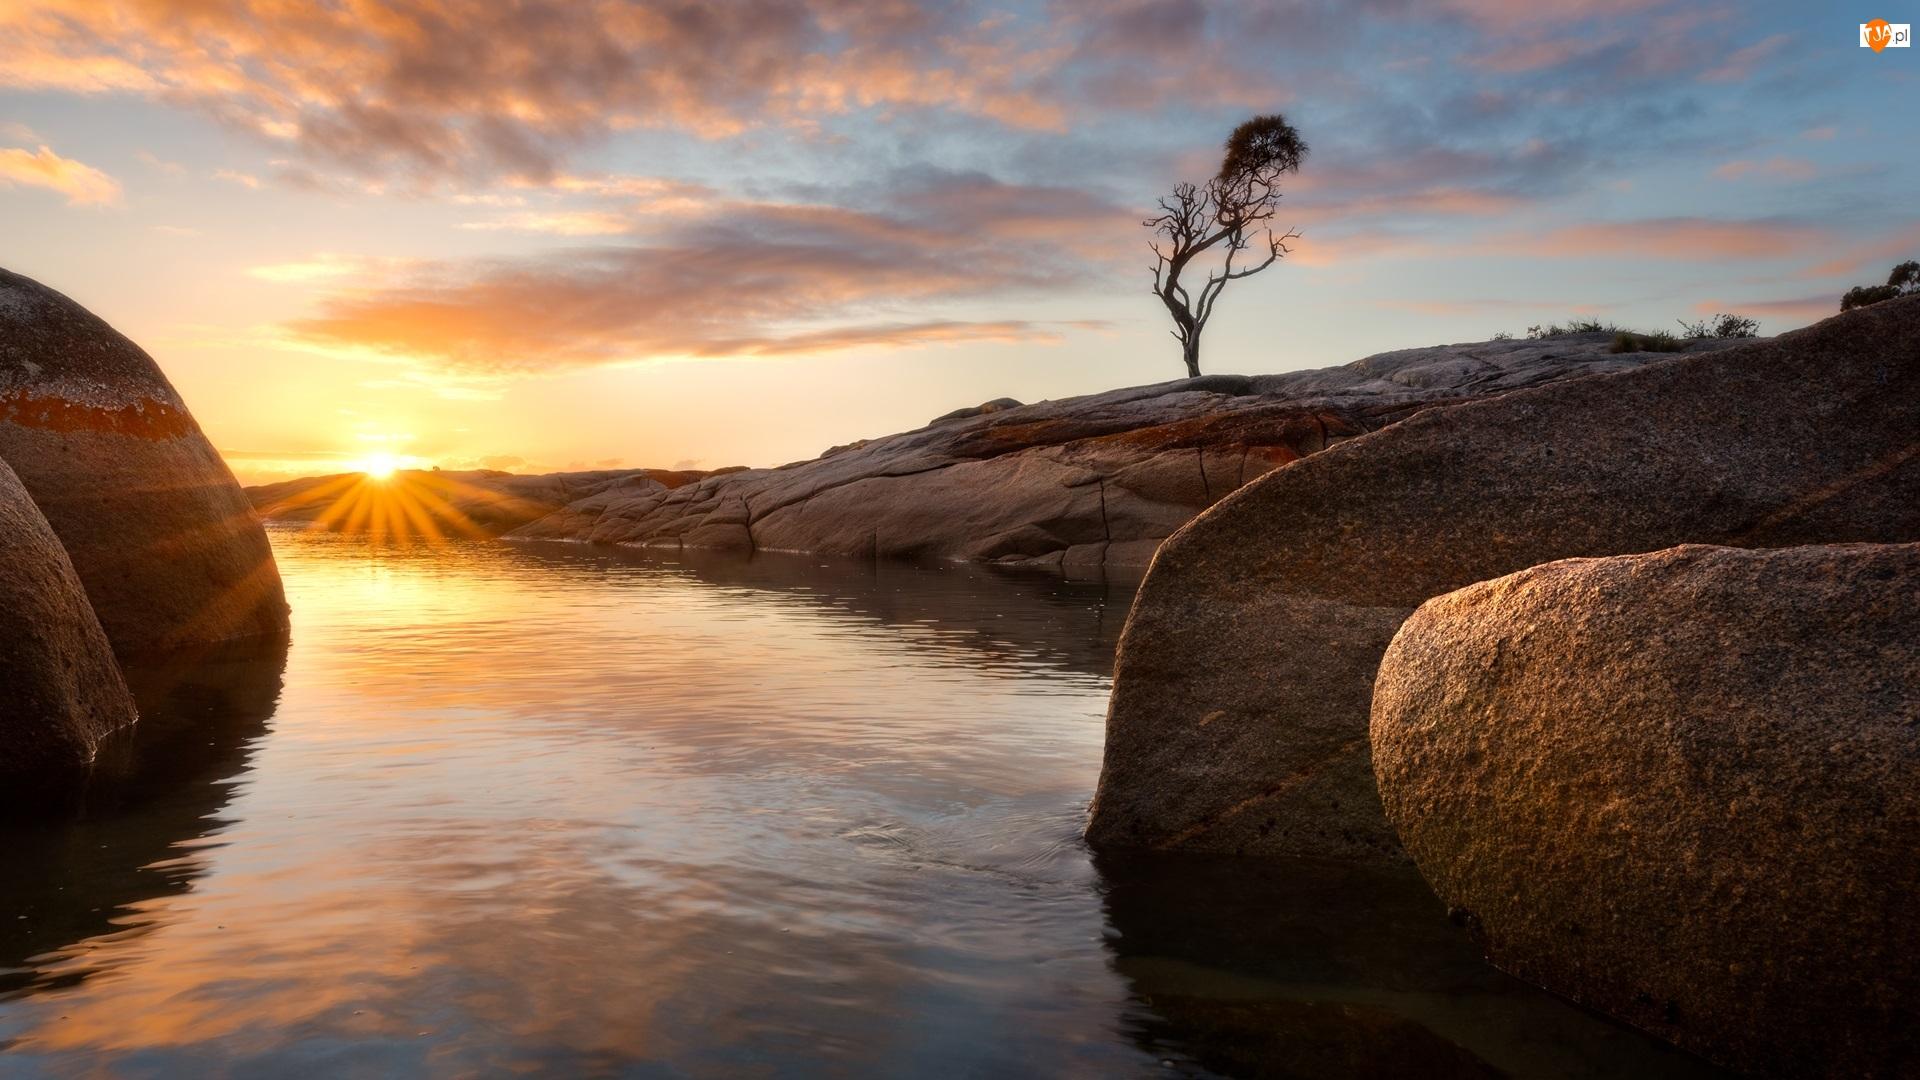 Drzewo, Australia, Morze, Wschód słońca, Tasmania, Skały, Chmury, Binalong Bay